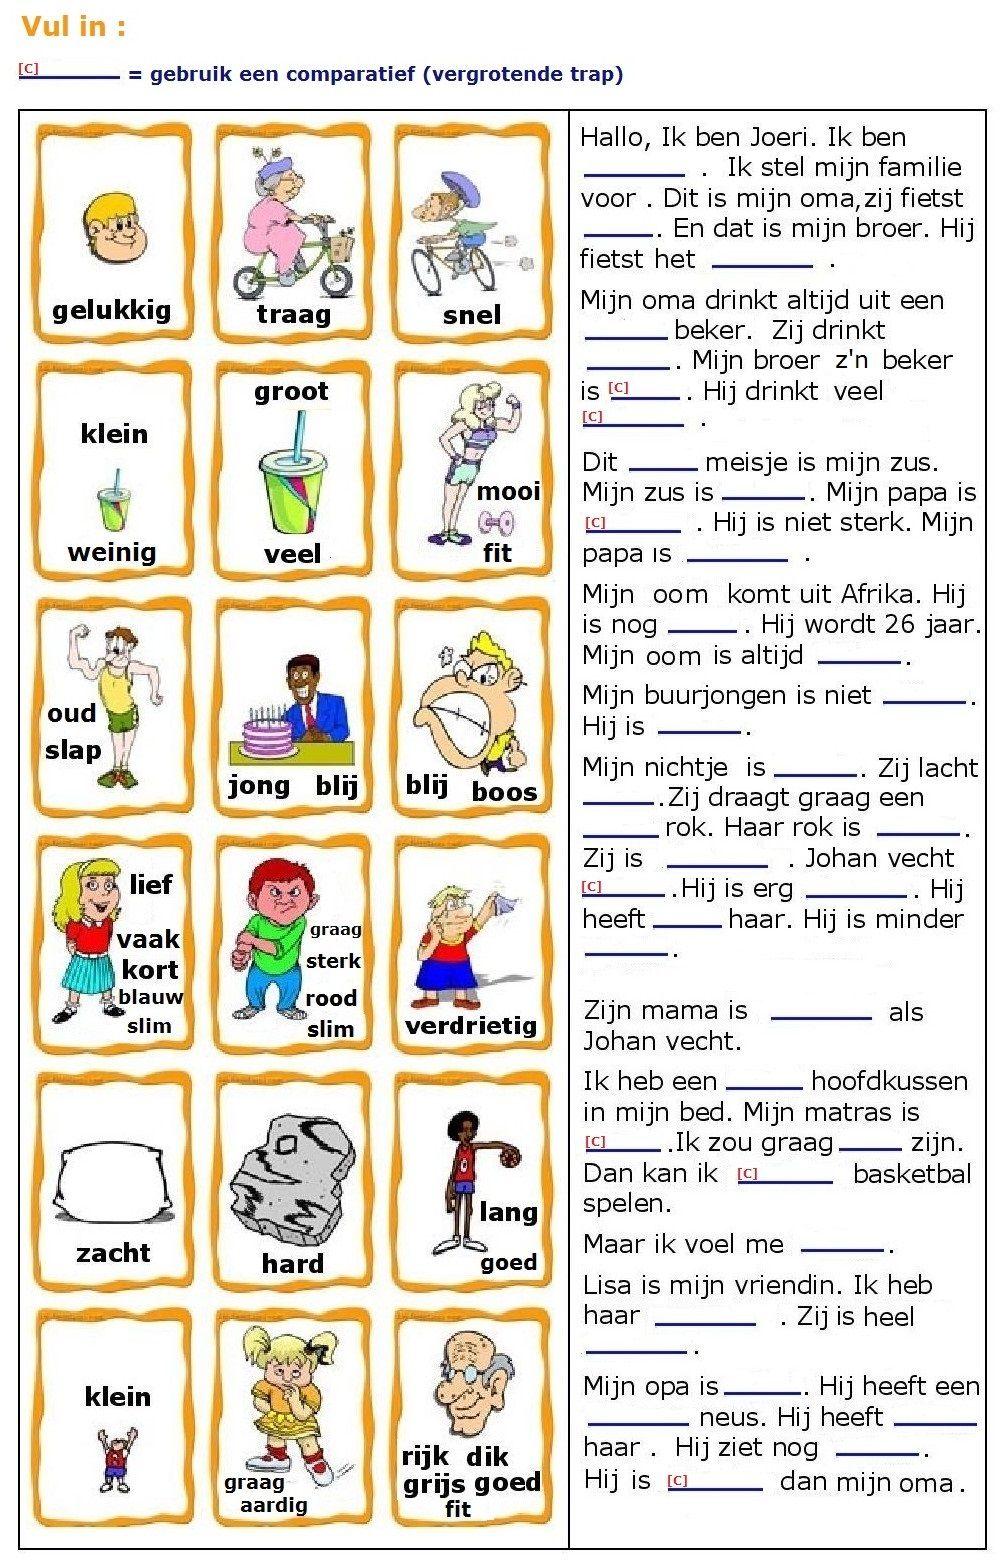 Bijvoeglijke Naamwoorden Adjectieven Vul In Grammatica